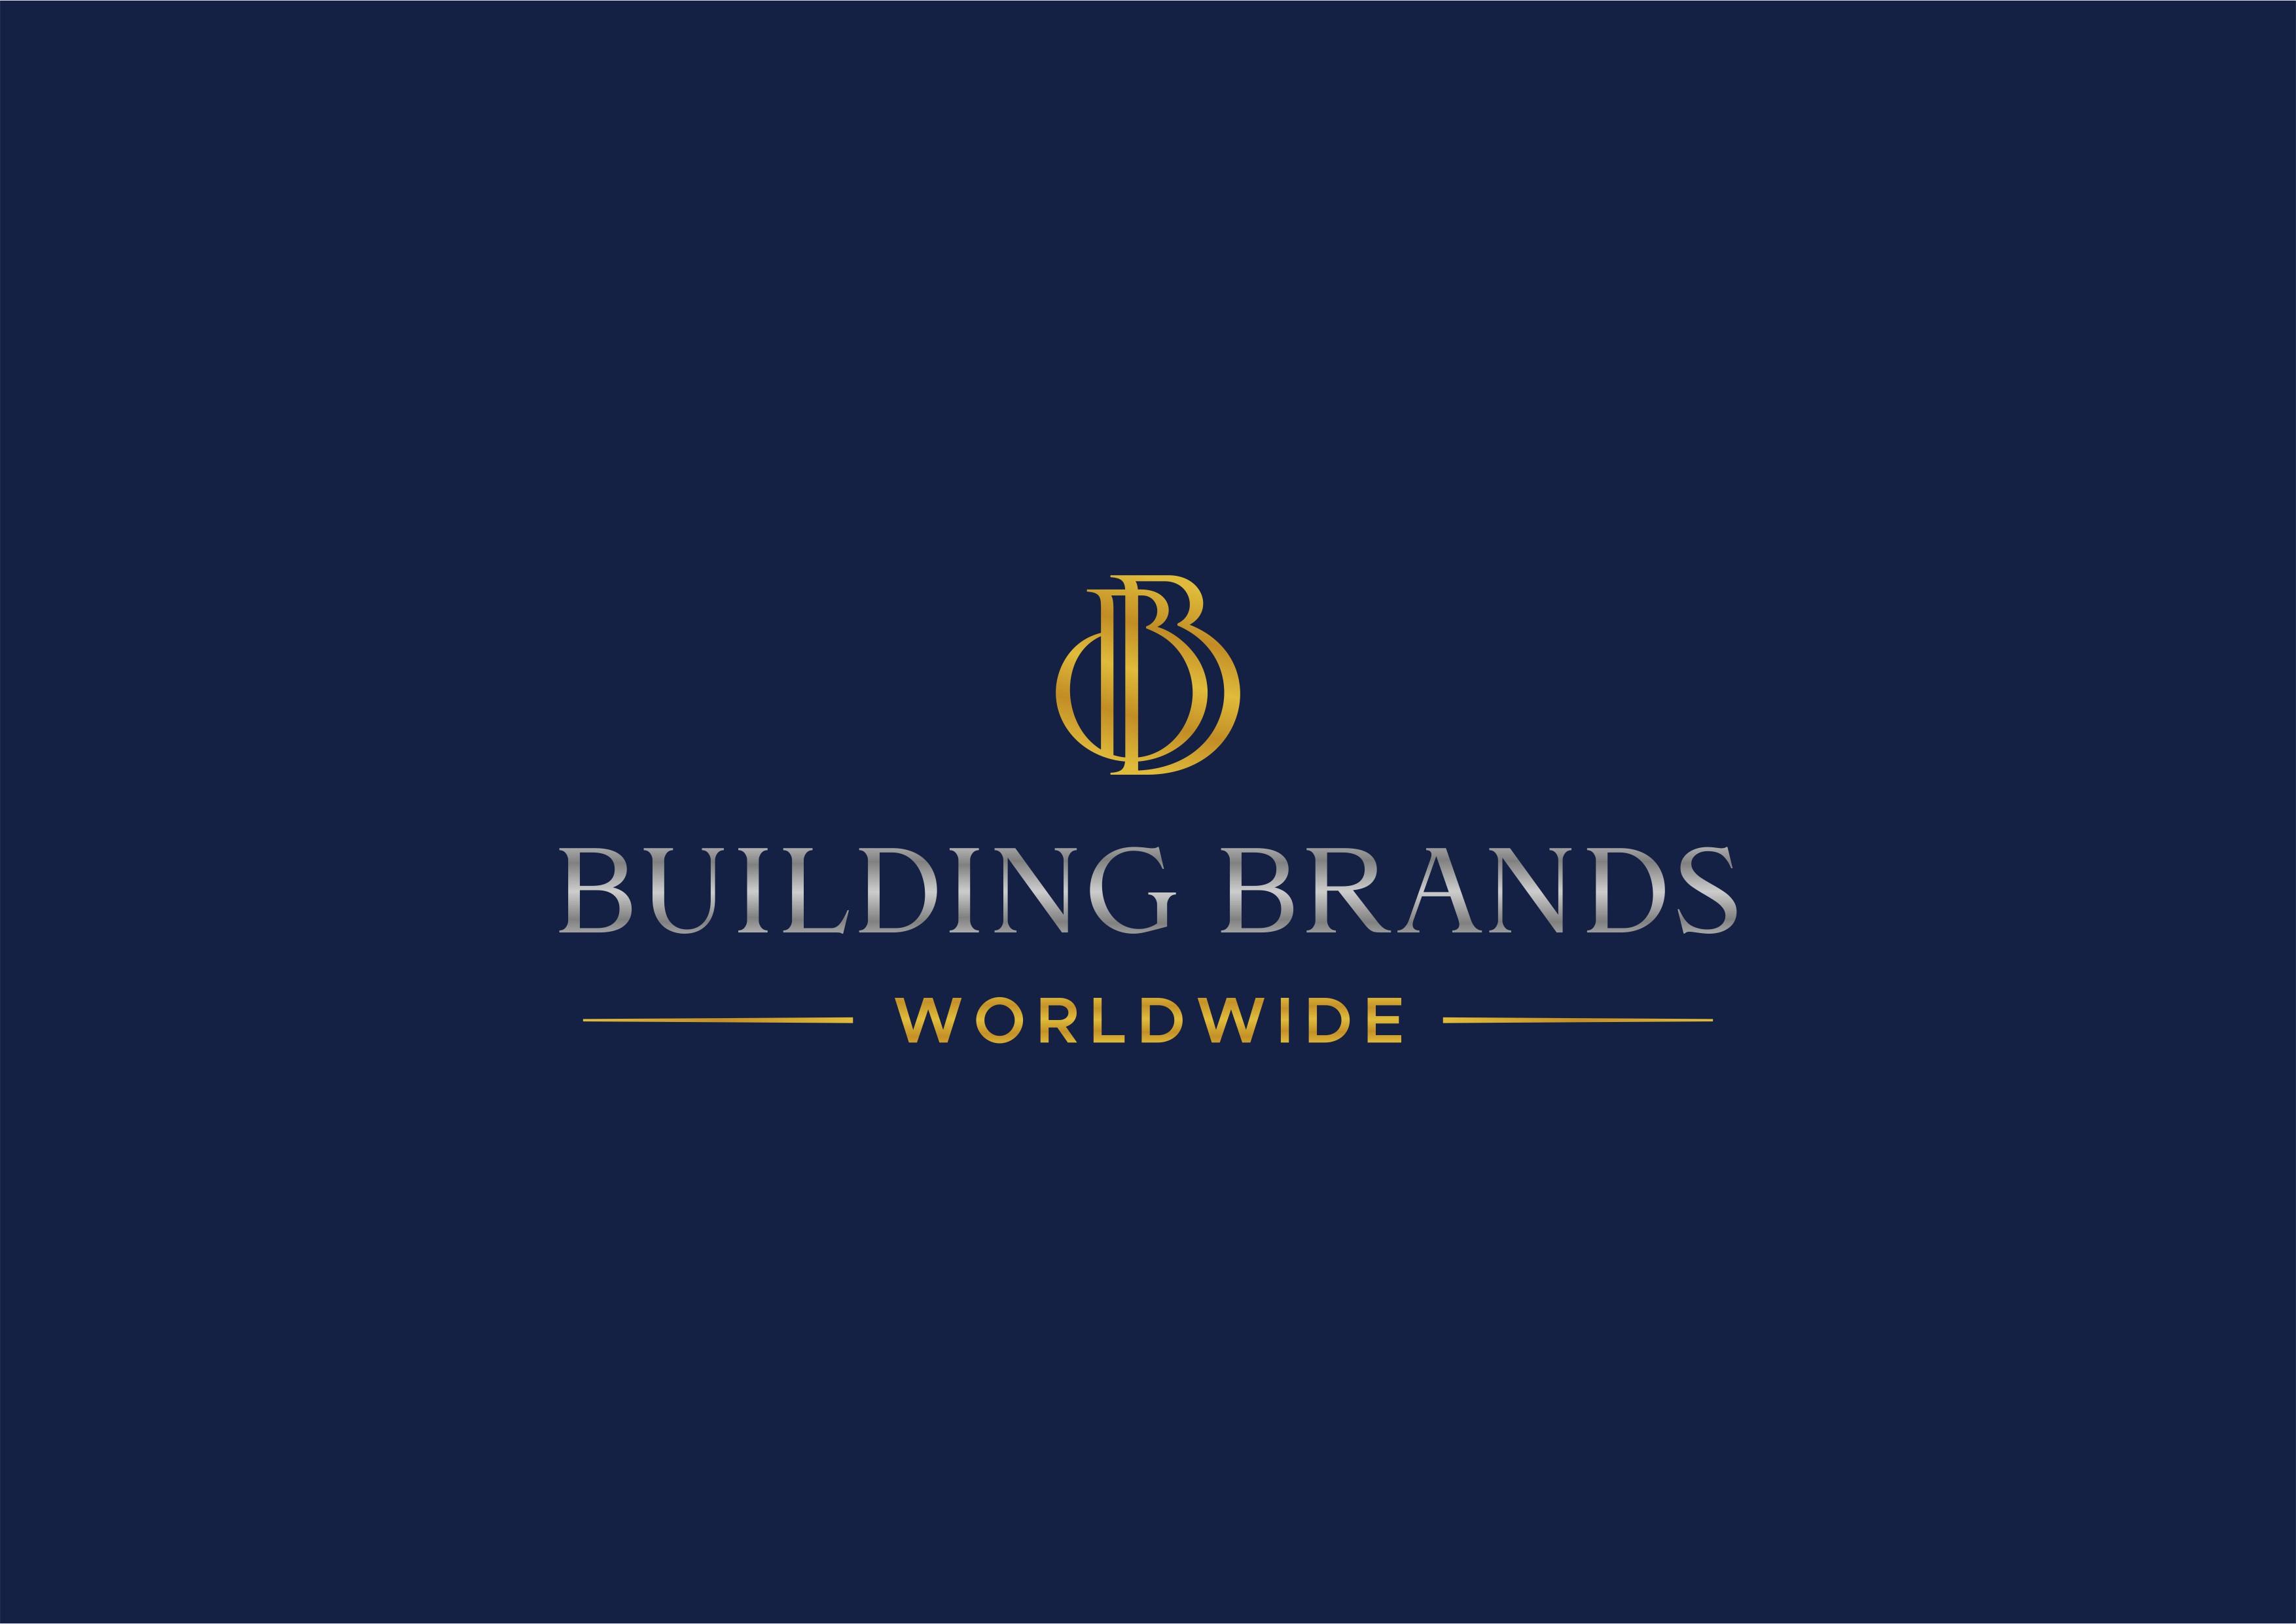 Eye Catching Brand Identity